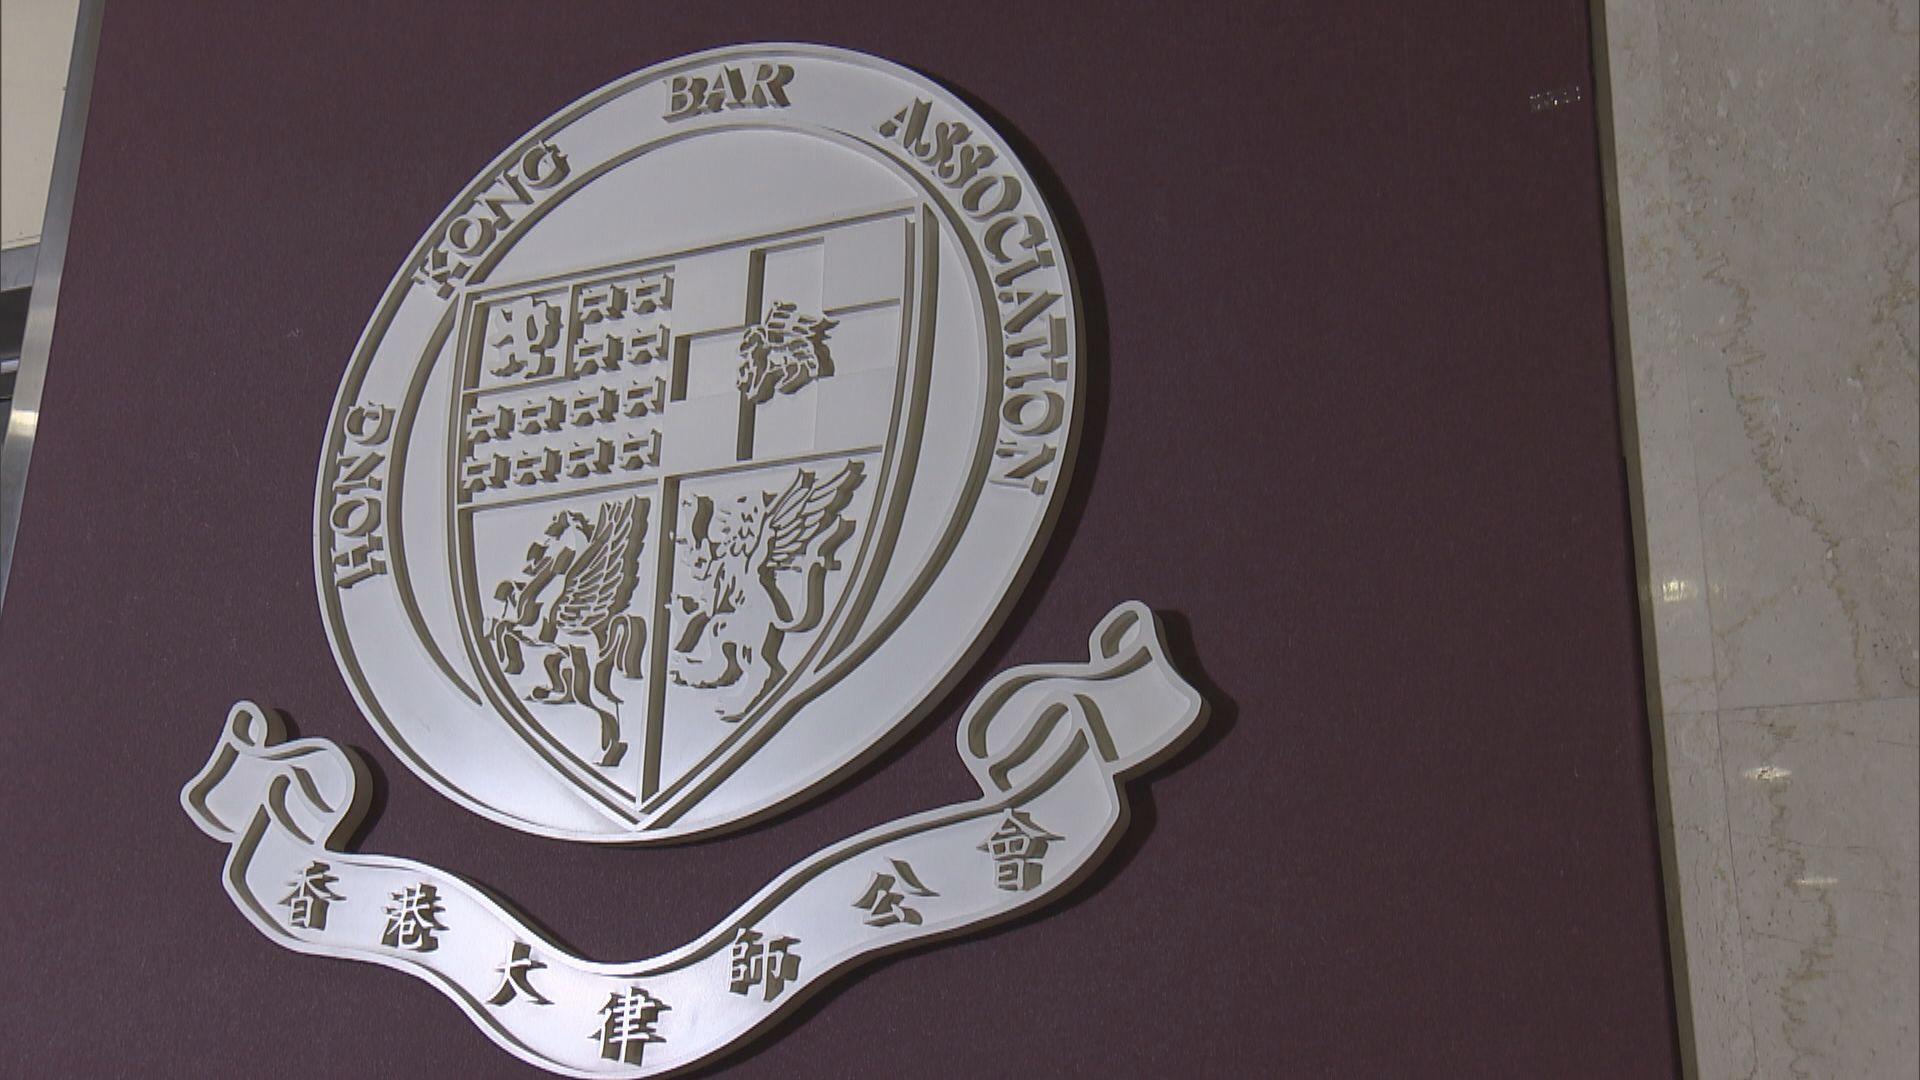 大律師公會籲政府緊急處理香港國安法是否合憲及合法